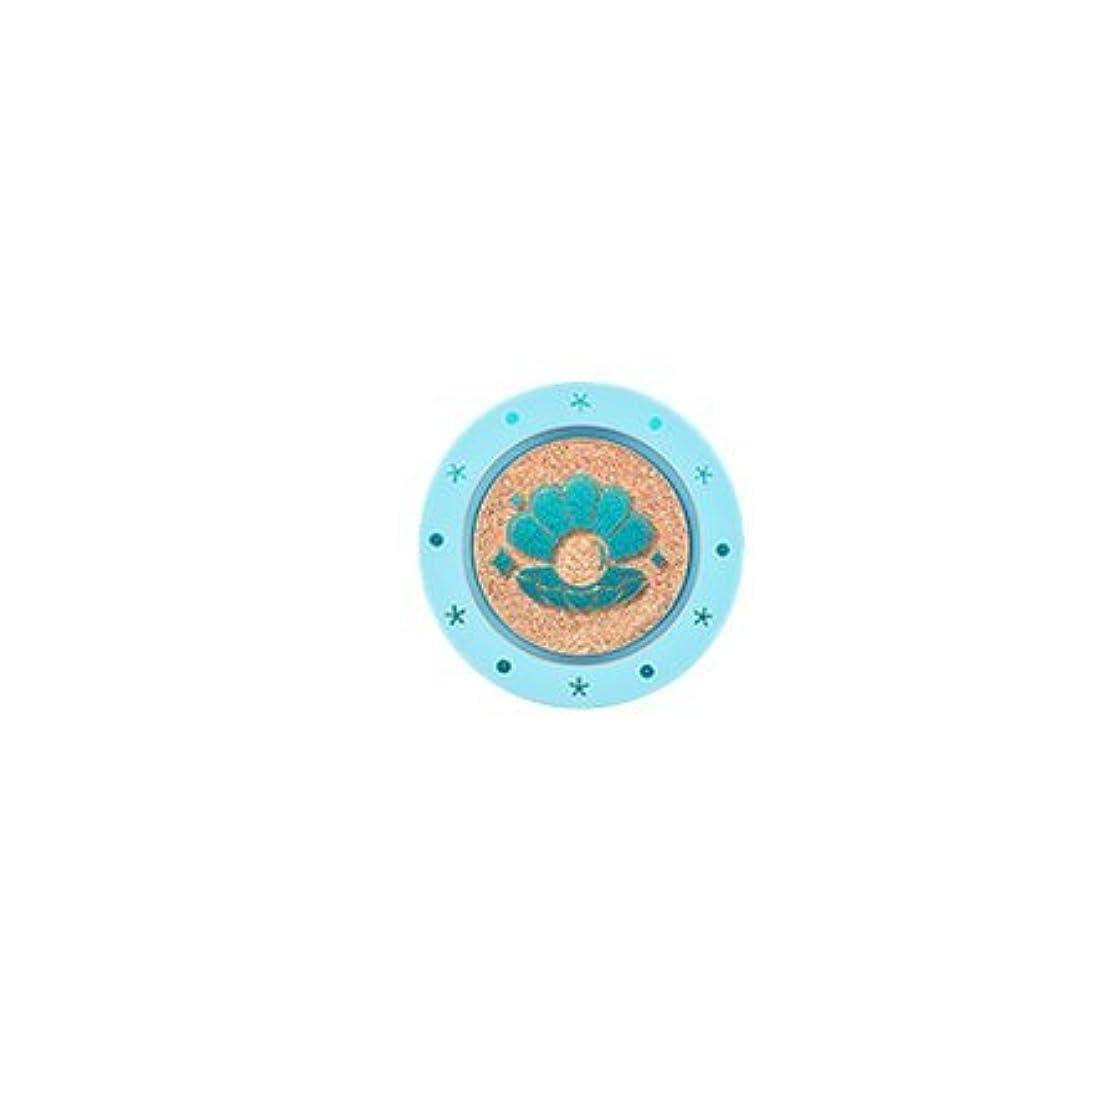 ビュッフェ専門知識水星アリタウム マーメイド コレクション モノ アイズ 1.4g / ARITAUM Mono Eyes Mermaid Collection (# S25 Gold Glow) [並行輸入品]